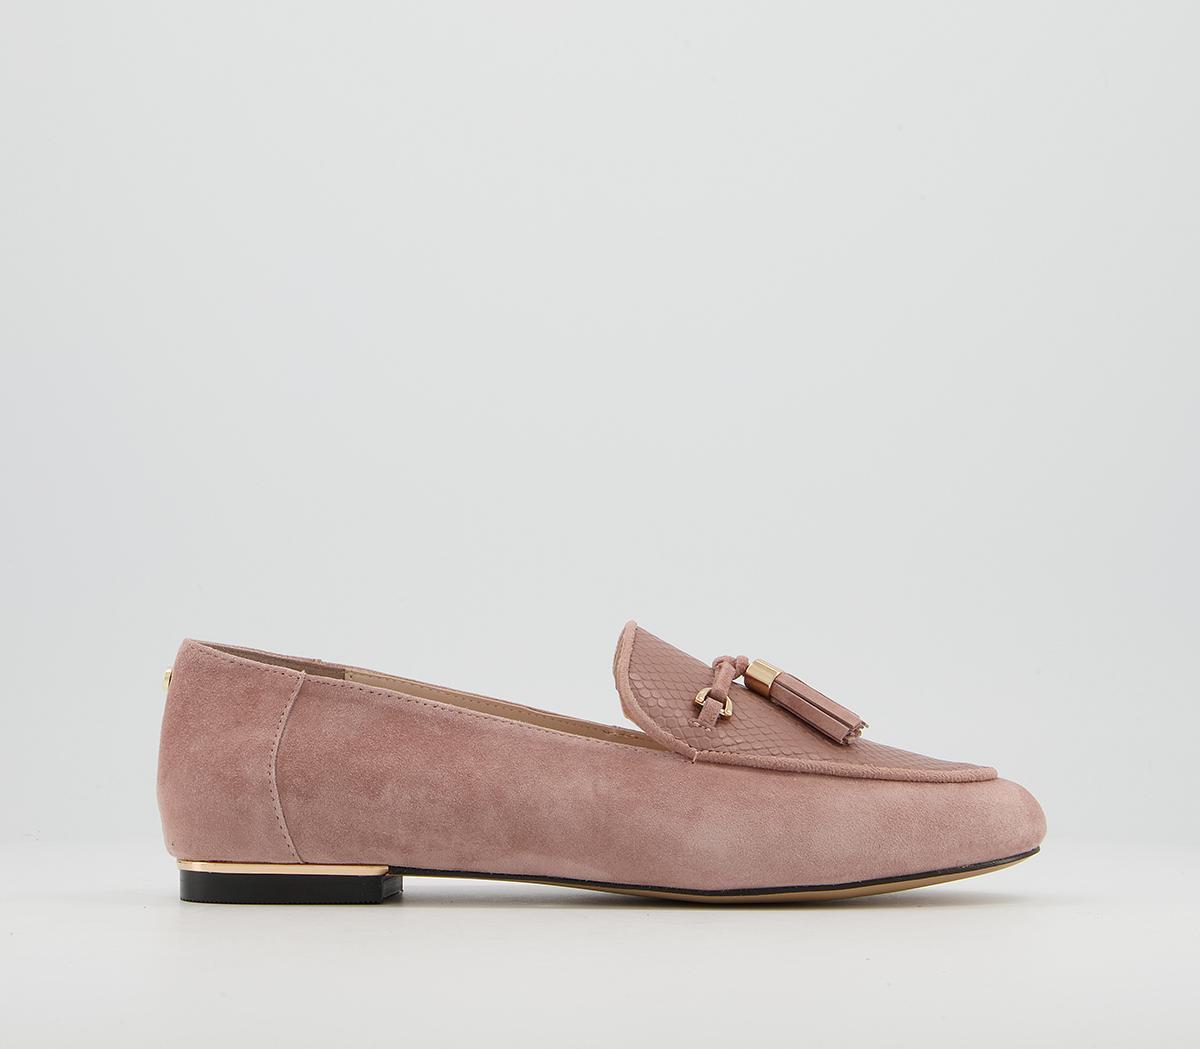 Finitely Tassel Loafer Shoes